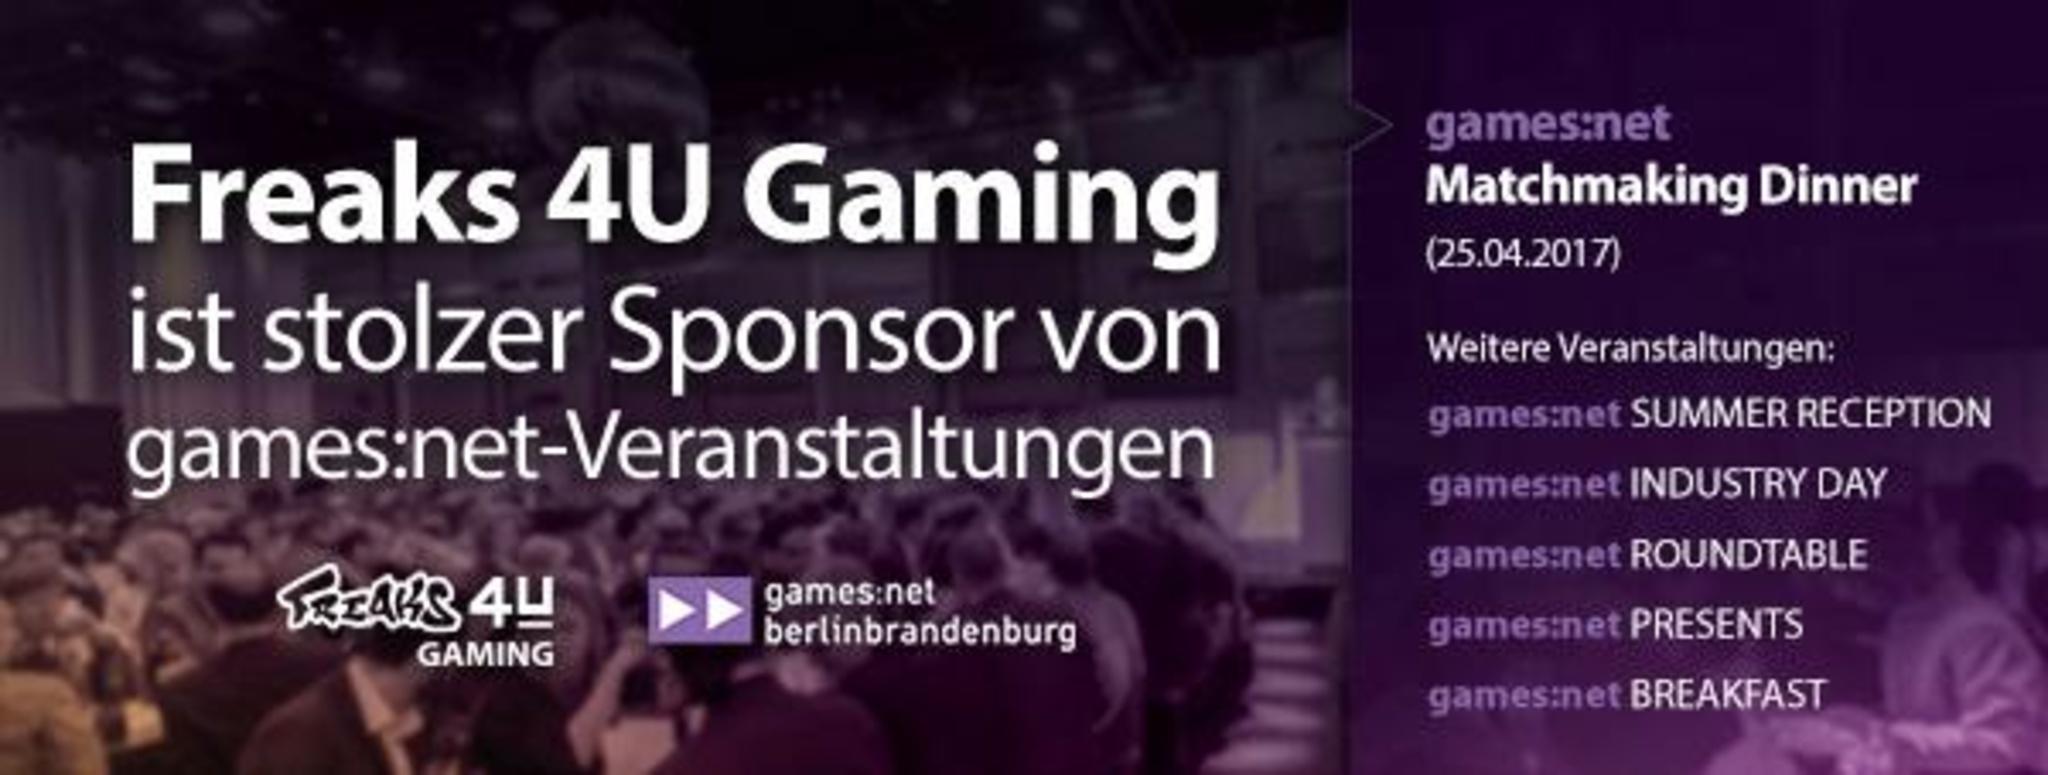 Internationale Matchmaking-Veranstaltung